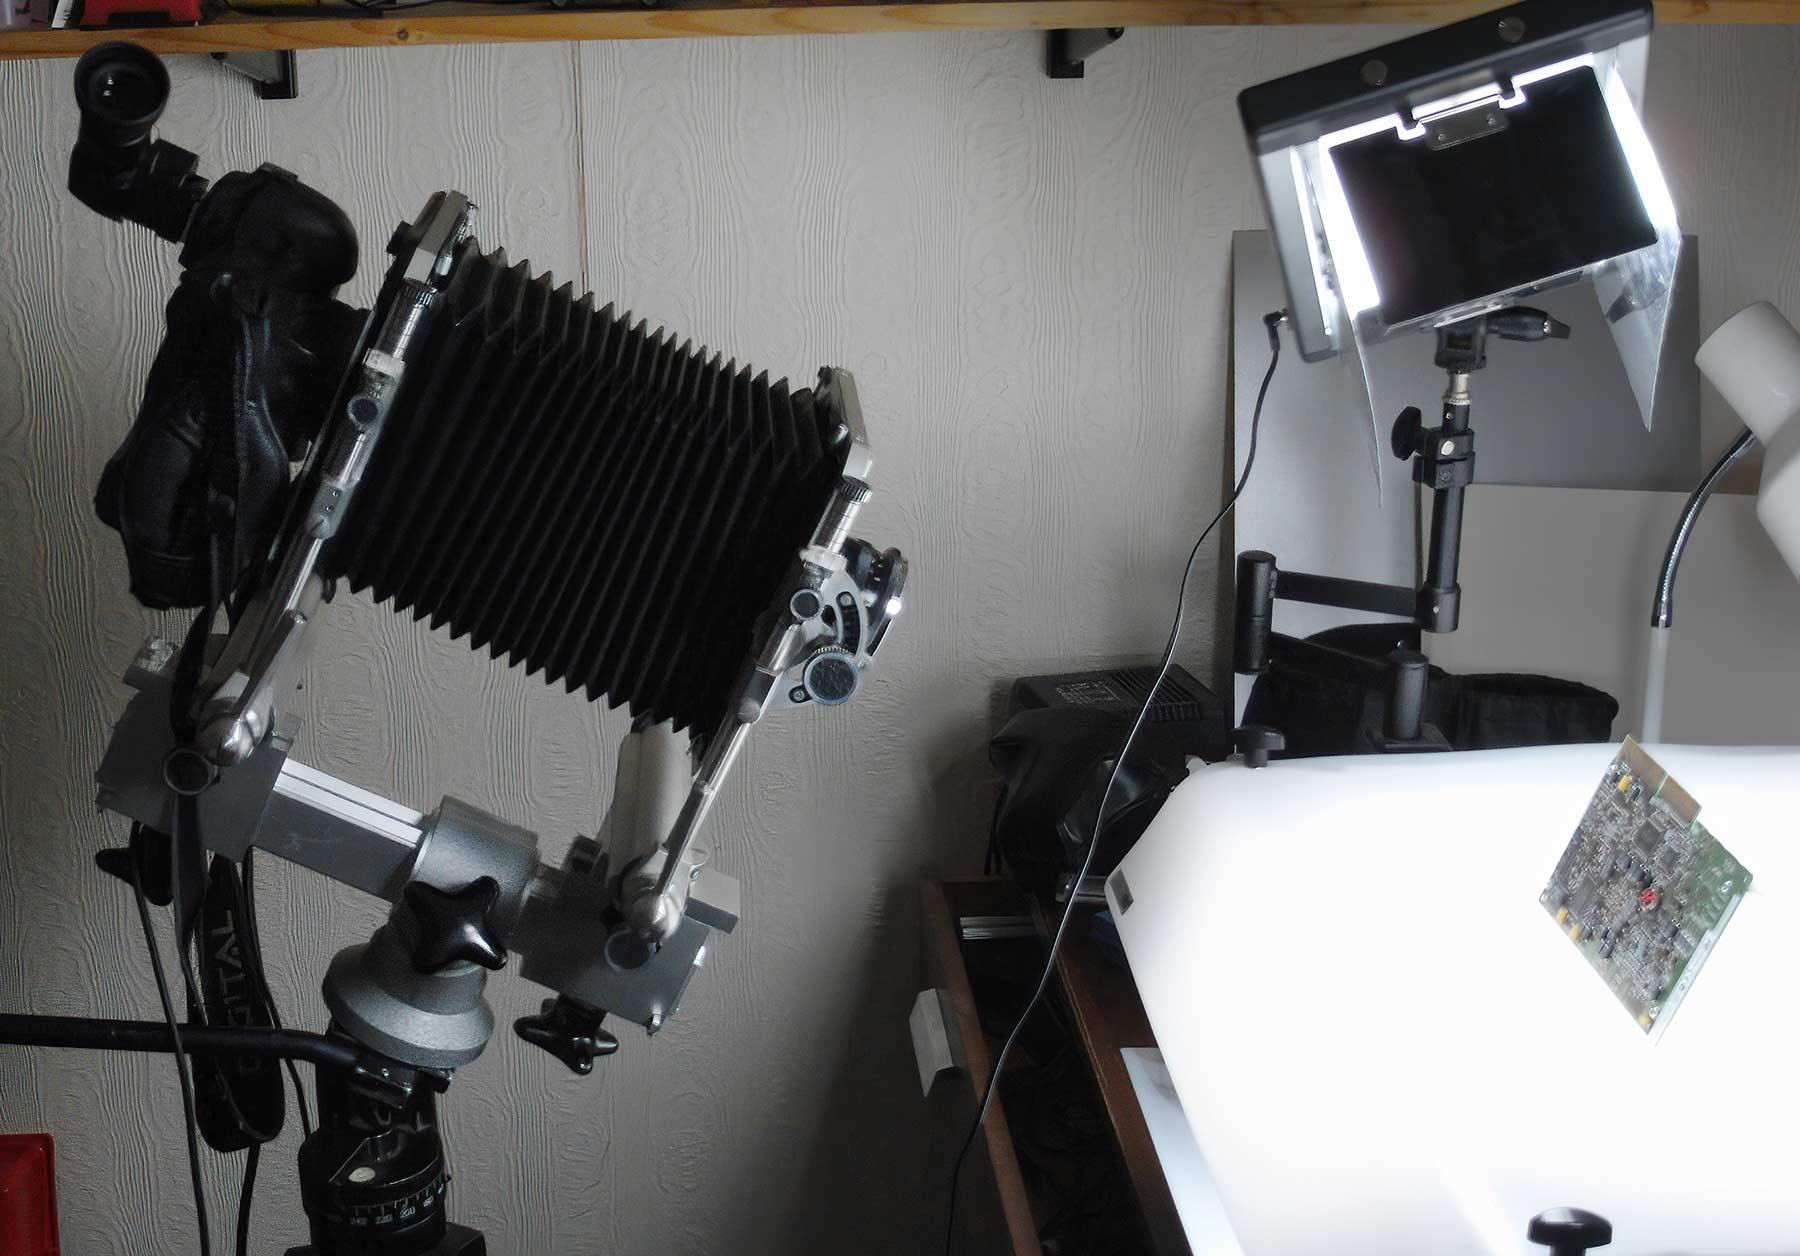 Macro setup with long bellows